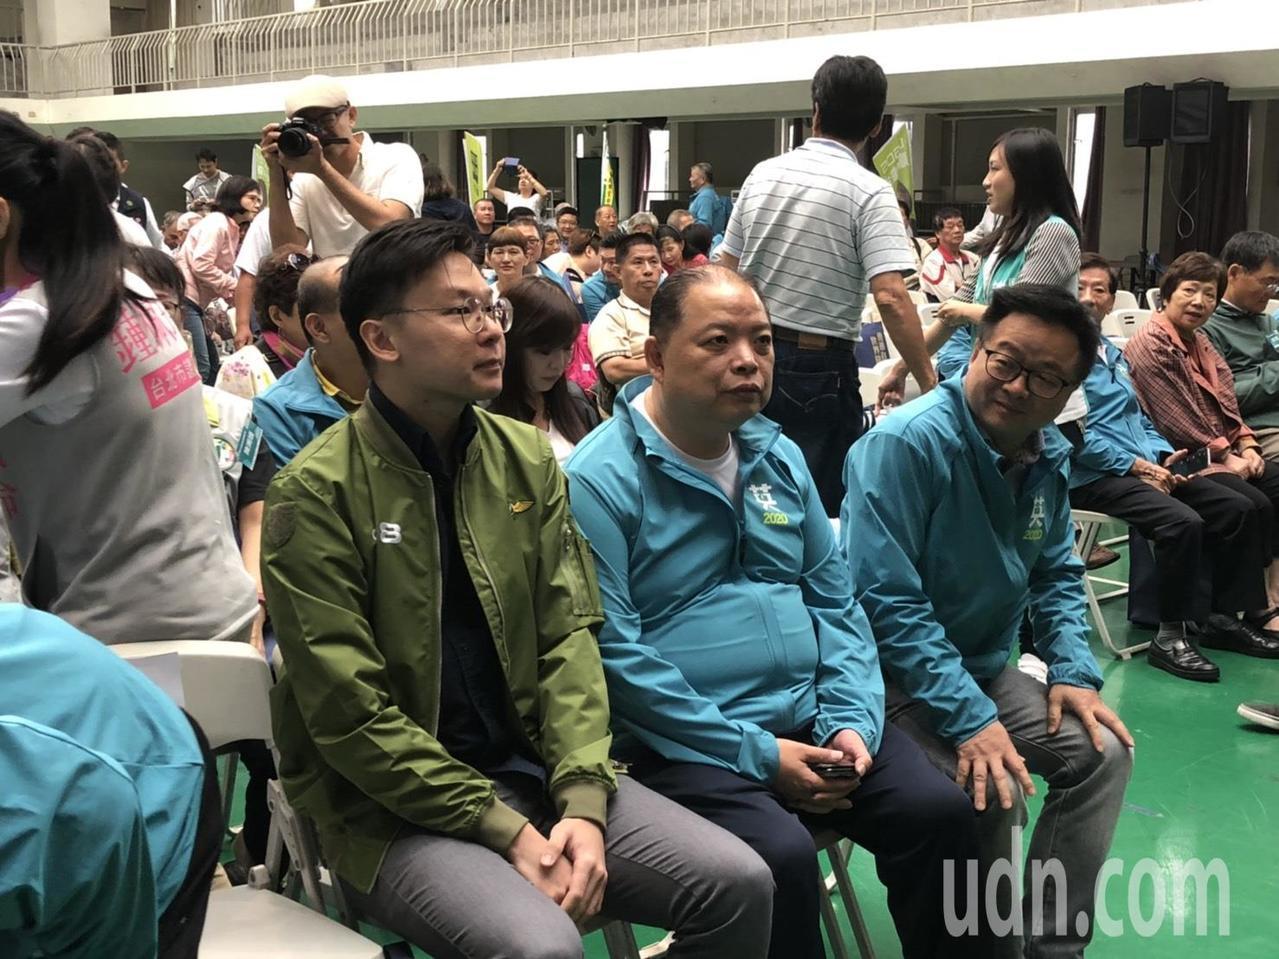 民進黨副秘書長林飛帆昨在臉書上表示,民進黨的不分區名單,如果跳脫不了地方家族派系...